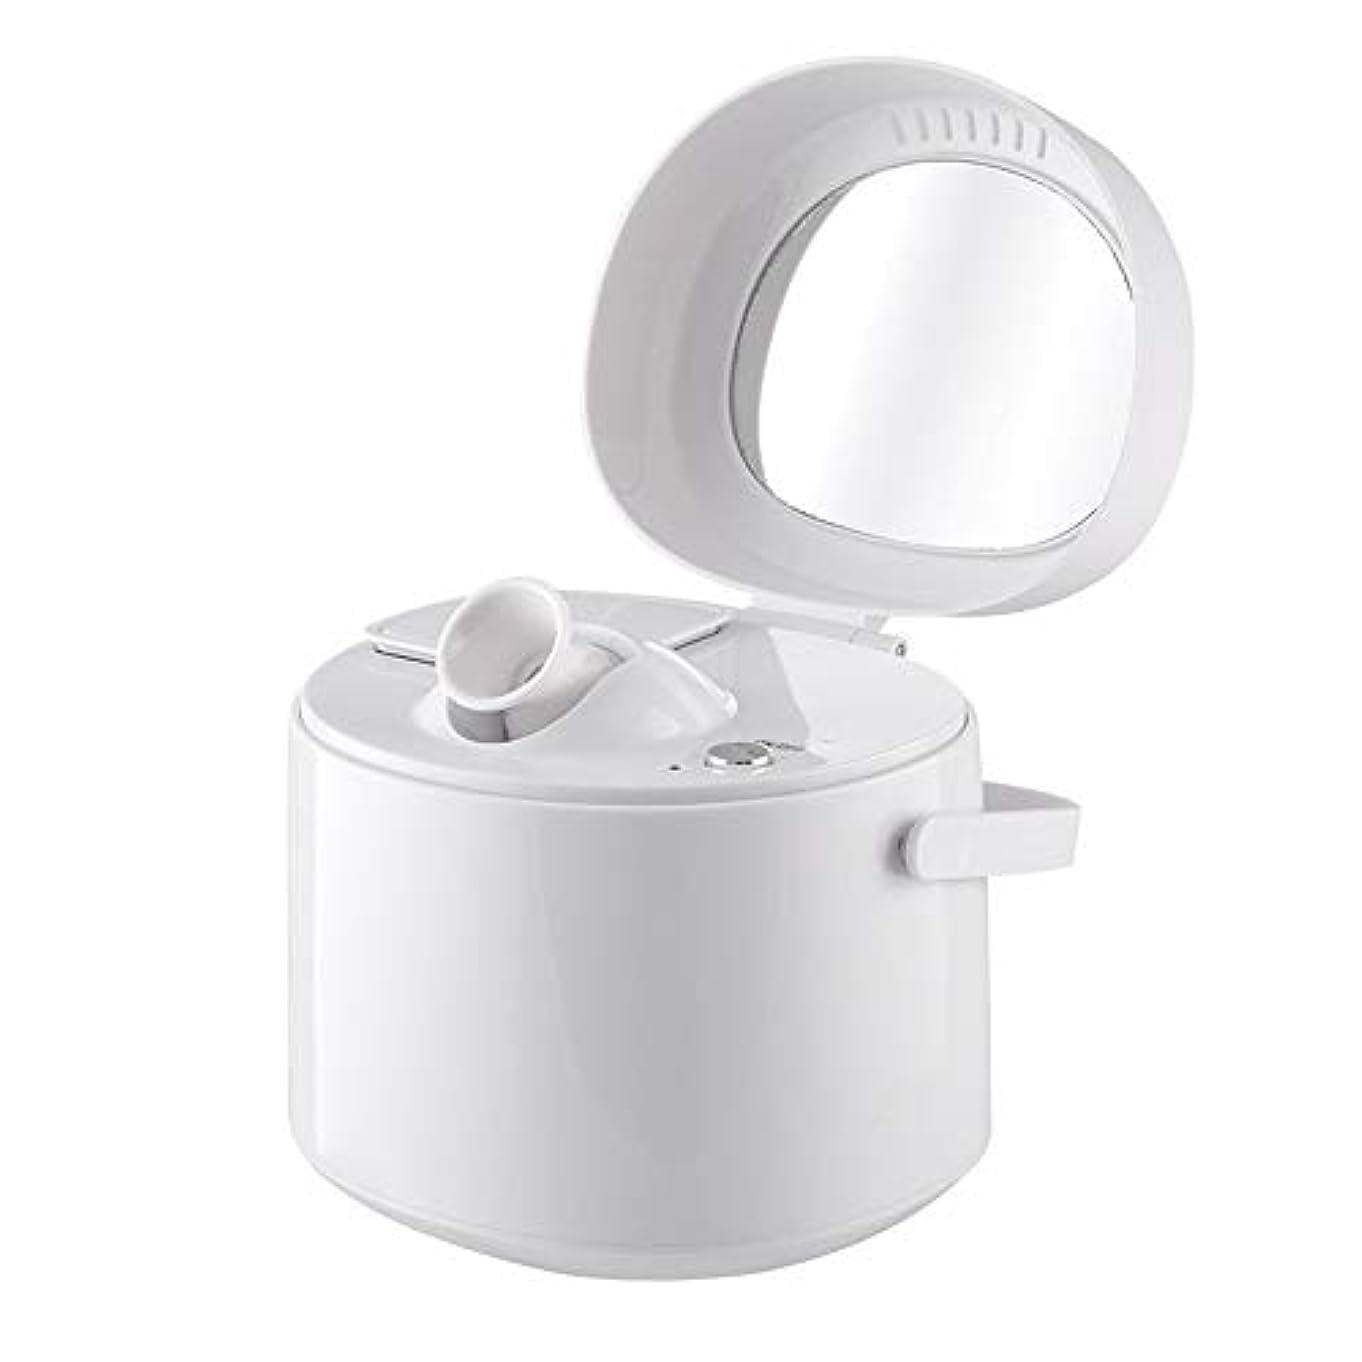 議題先住民テスピアンZXF ホットスプレースチームフェイス美容器具ホームナノイオン保湿スプレー美容器具美容ミラーホワイト 滑らかである